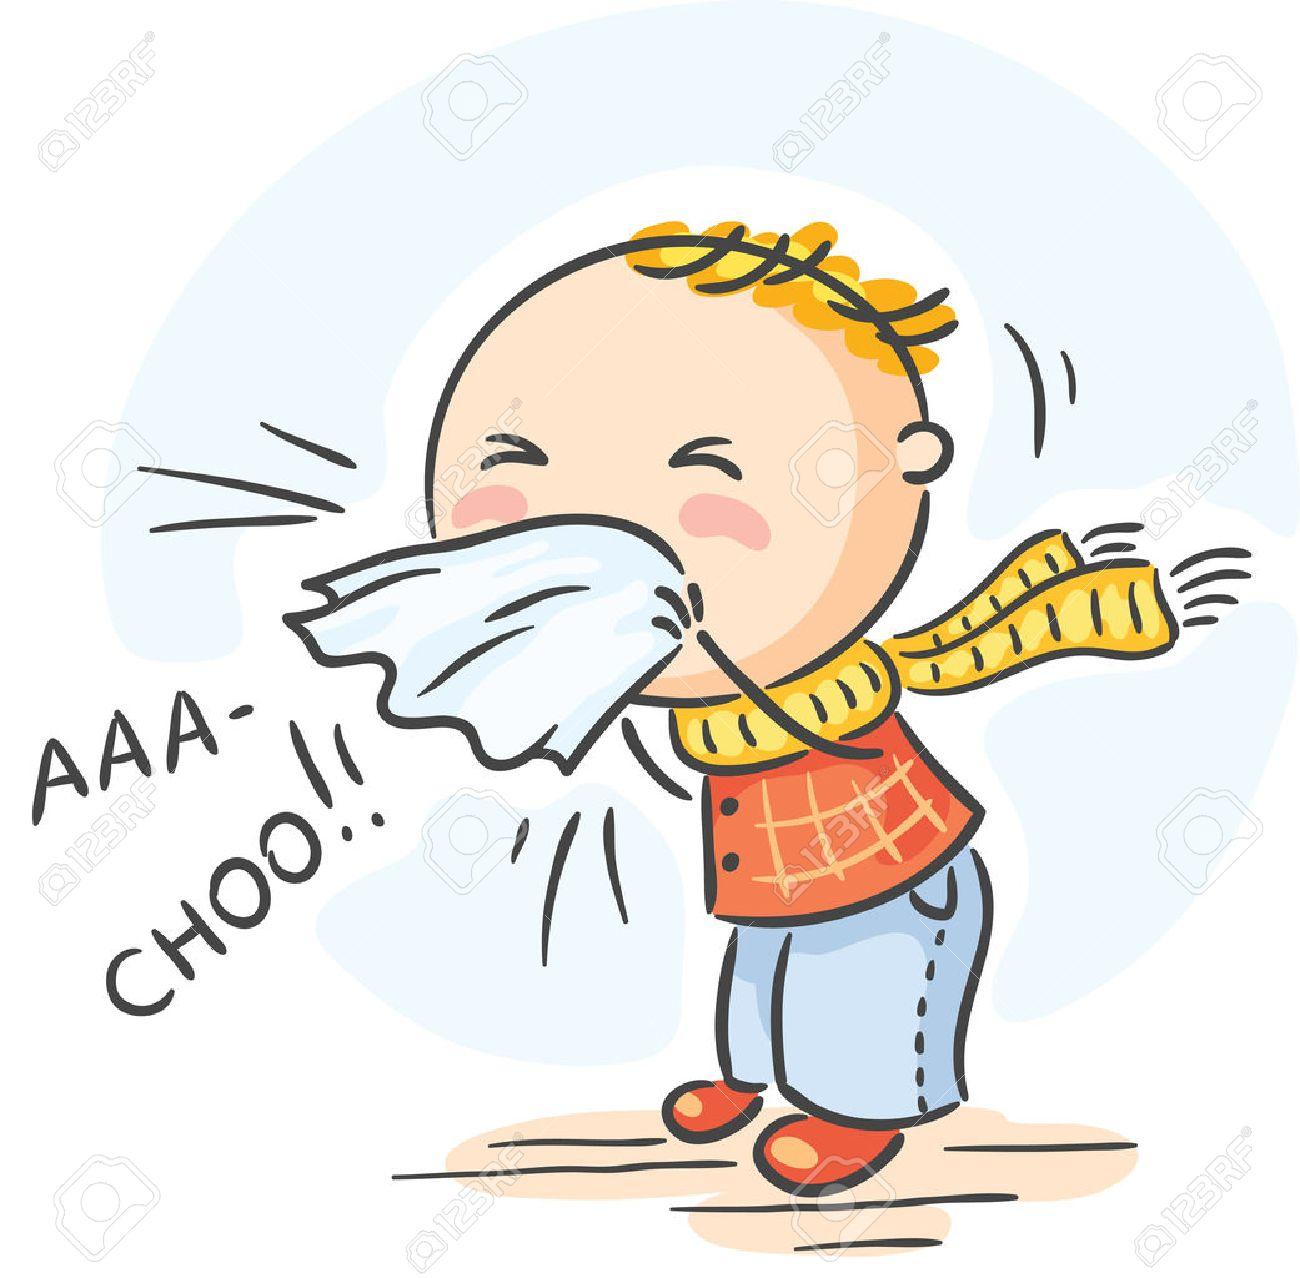 Resultado de imagen para gripe